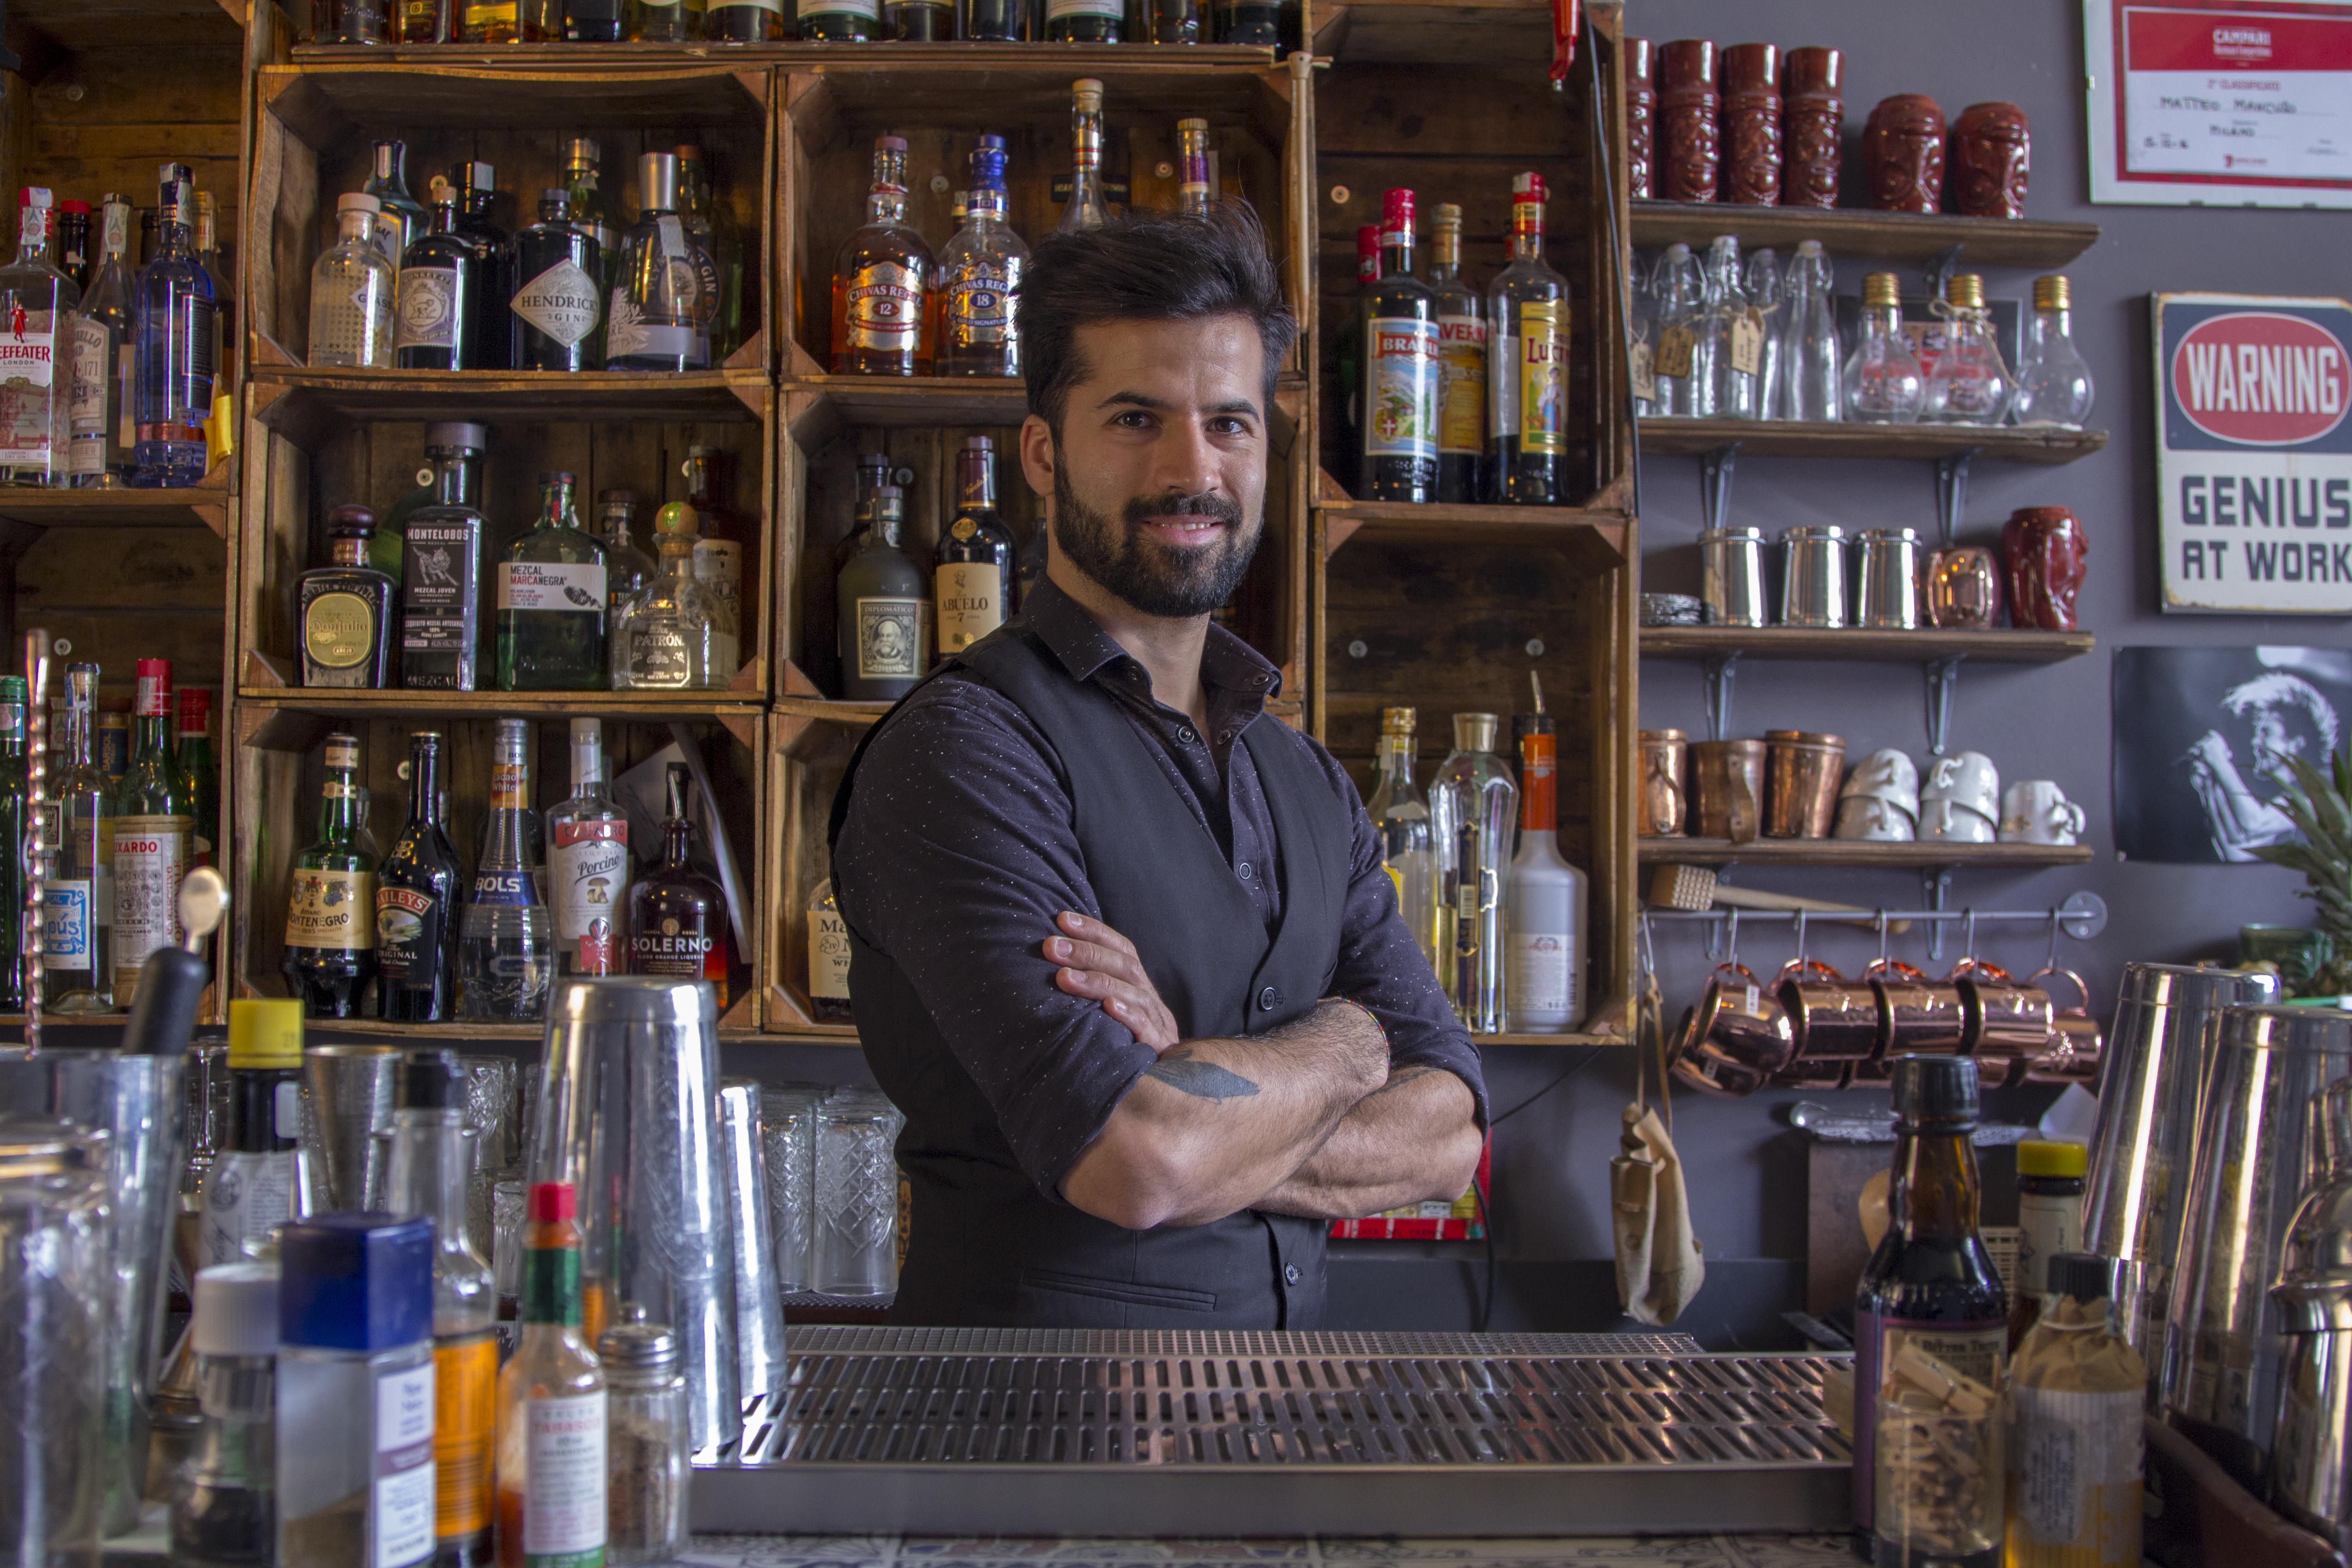 Barman-matteo_Mancuso_2